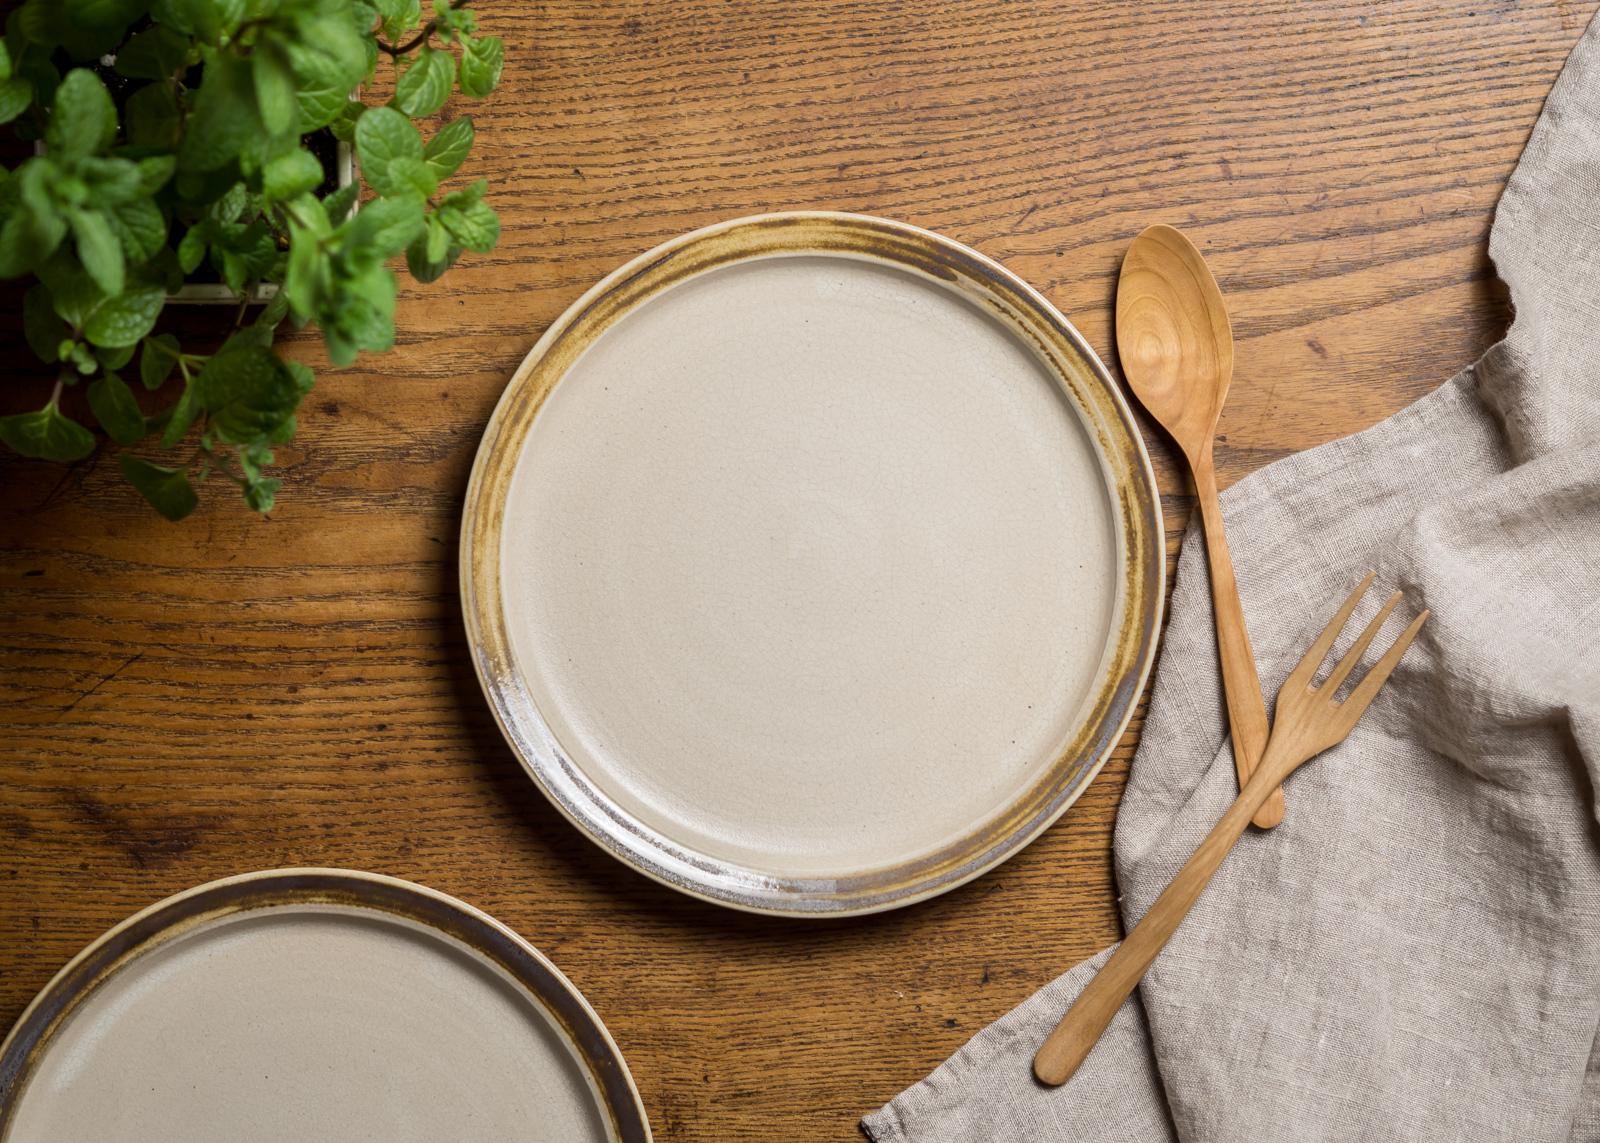 7寸 プレート白マット/リムマンガン釉(リムプレート・中皿・22cm皿)/鈴木美佳子